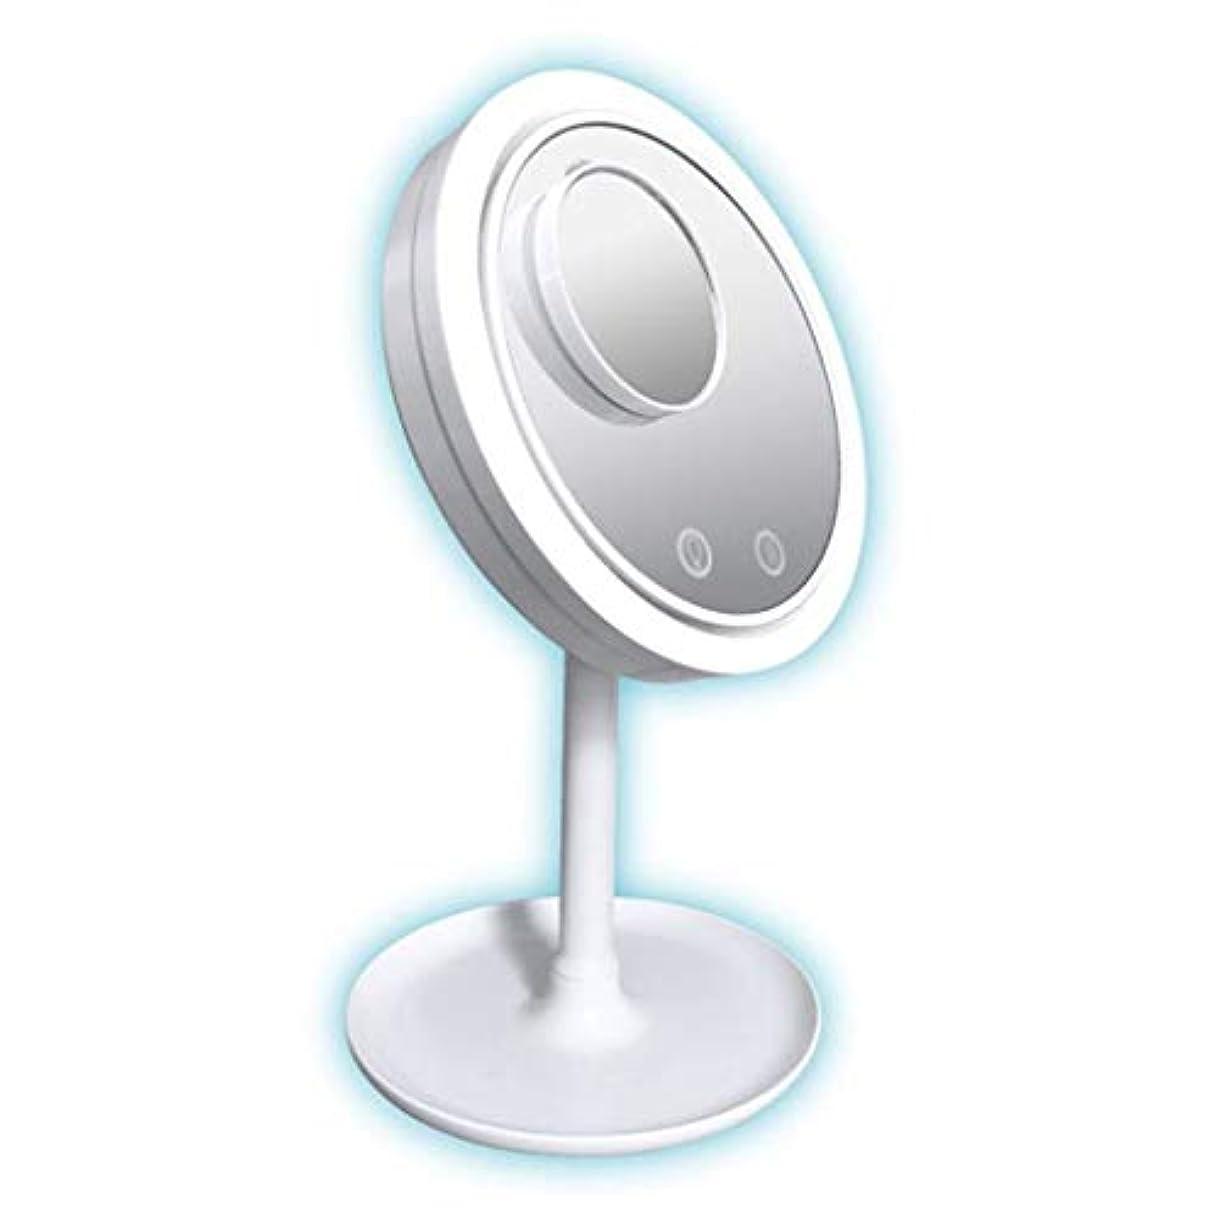 思慮深い落ち着く寝る卓上ミラー 化粧鏡 ファン付きの化粧鏡化粧鏡ファン付きのスリーインワン照明付きミラー 5倍拡大鏡 メイクミラー ラウンドミラー 360°回転ブラケット LED付き (ホワイト)